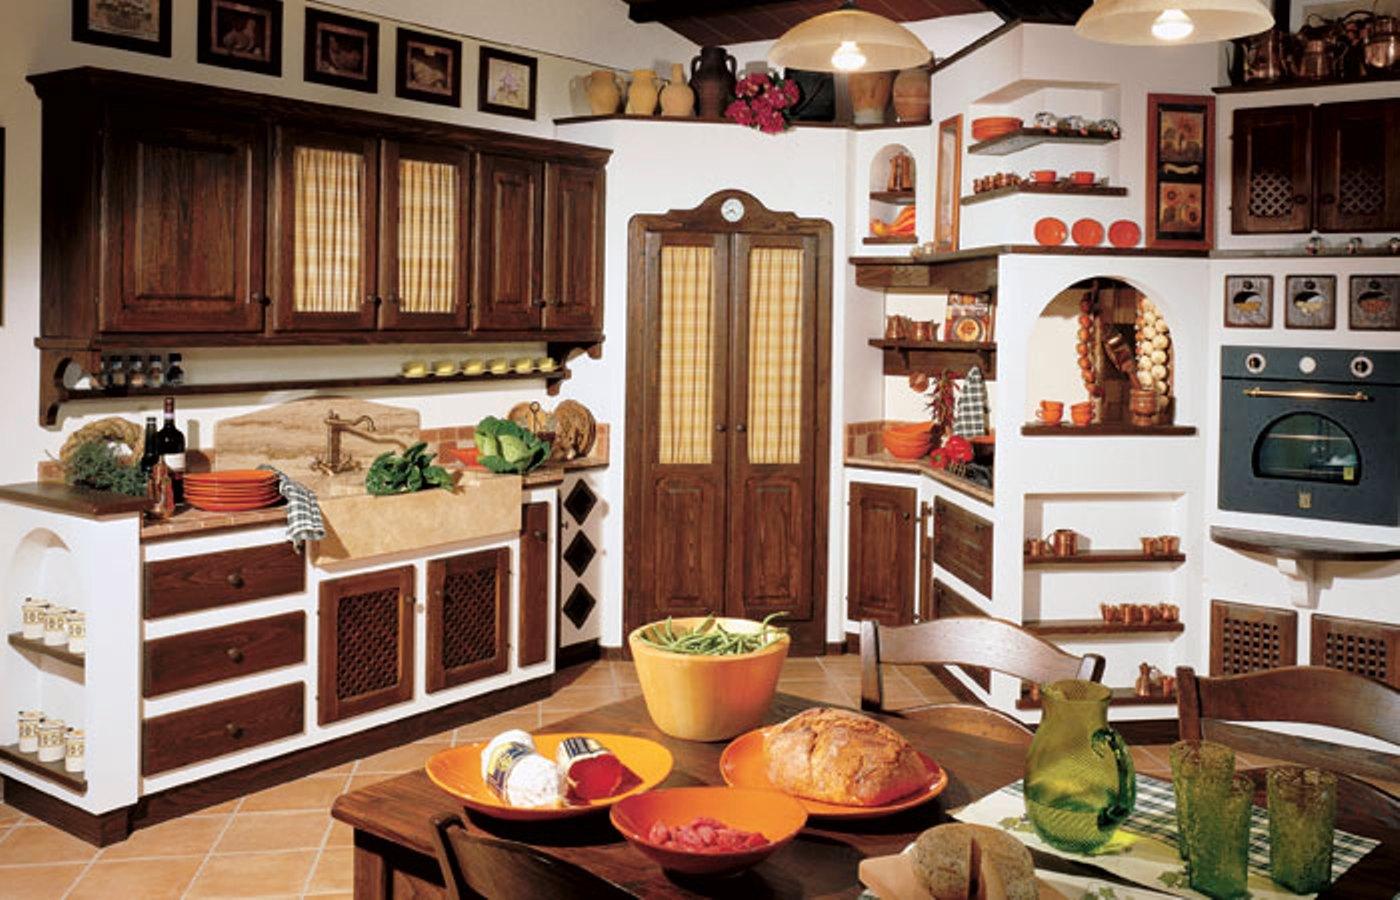 Cucina in muratura - Cucine a muratura ...